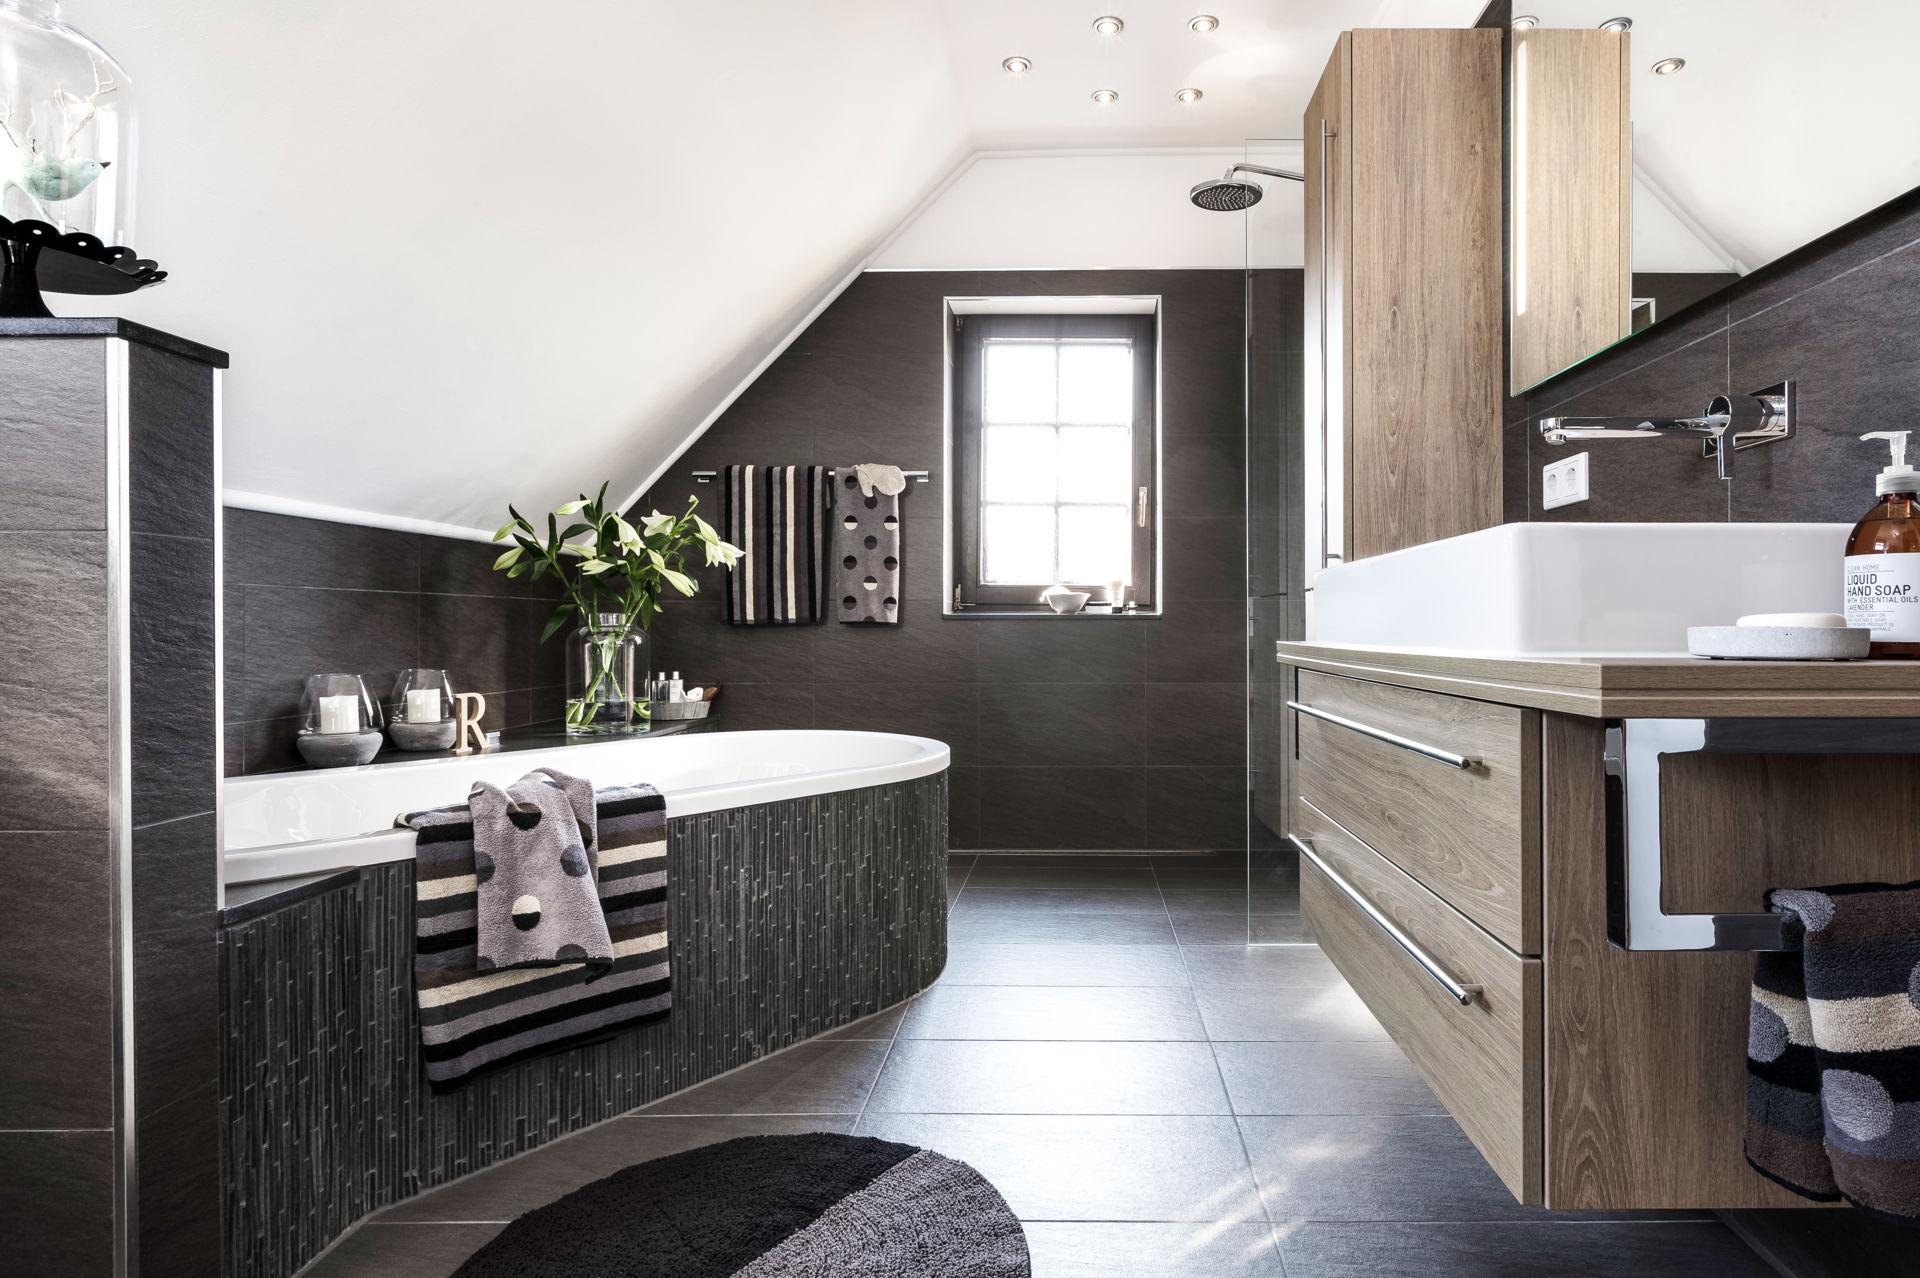 beste b der zuhause wohnen. Black Bedroom Furniture Sets. Home Design Ideas